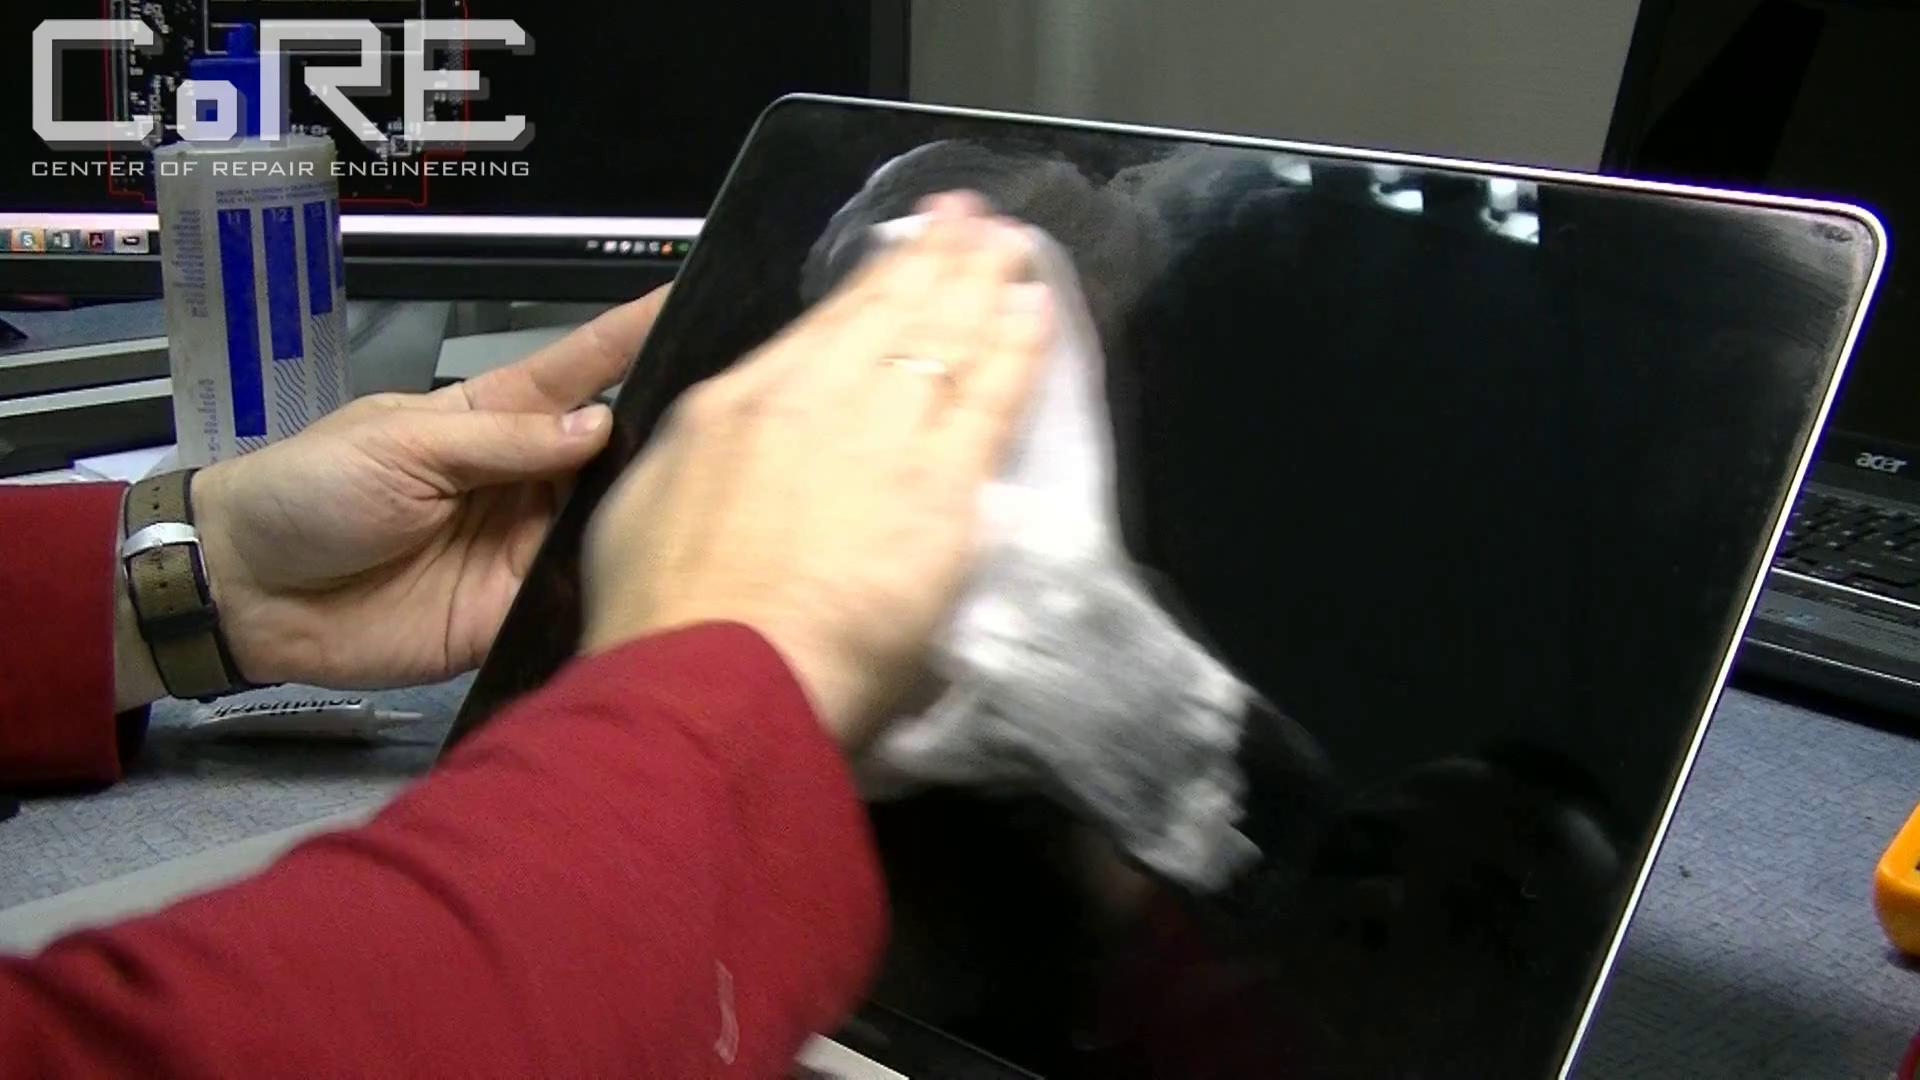 объявления красаня рябь на экране ноубкука как убрать Санкт-Петербург